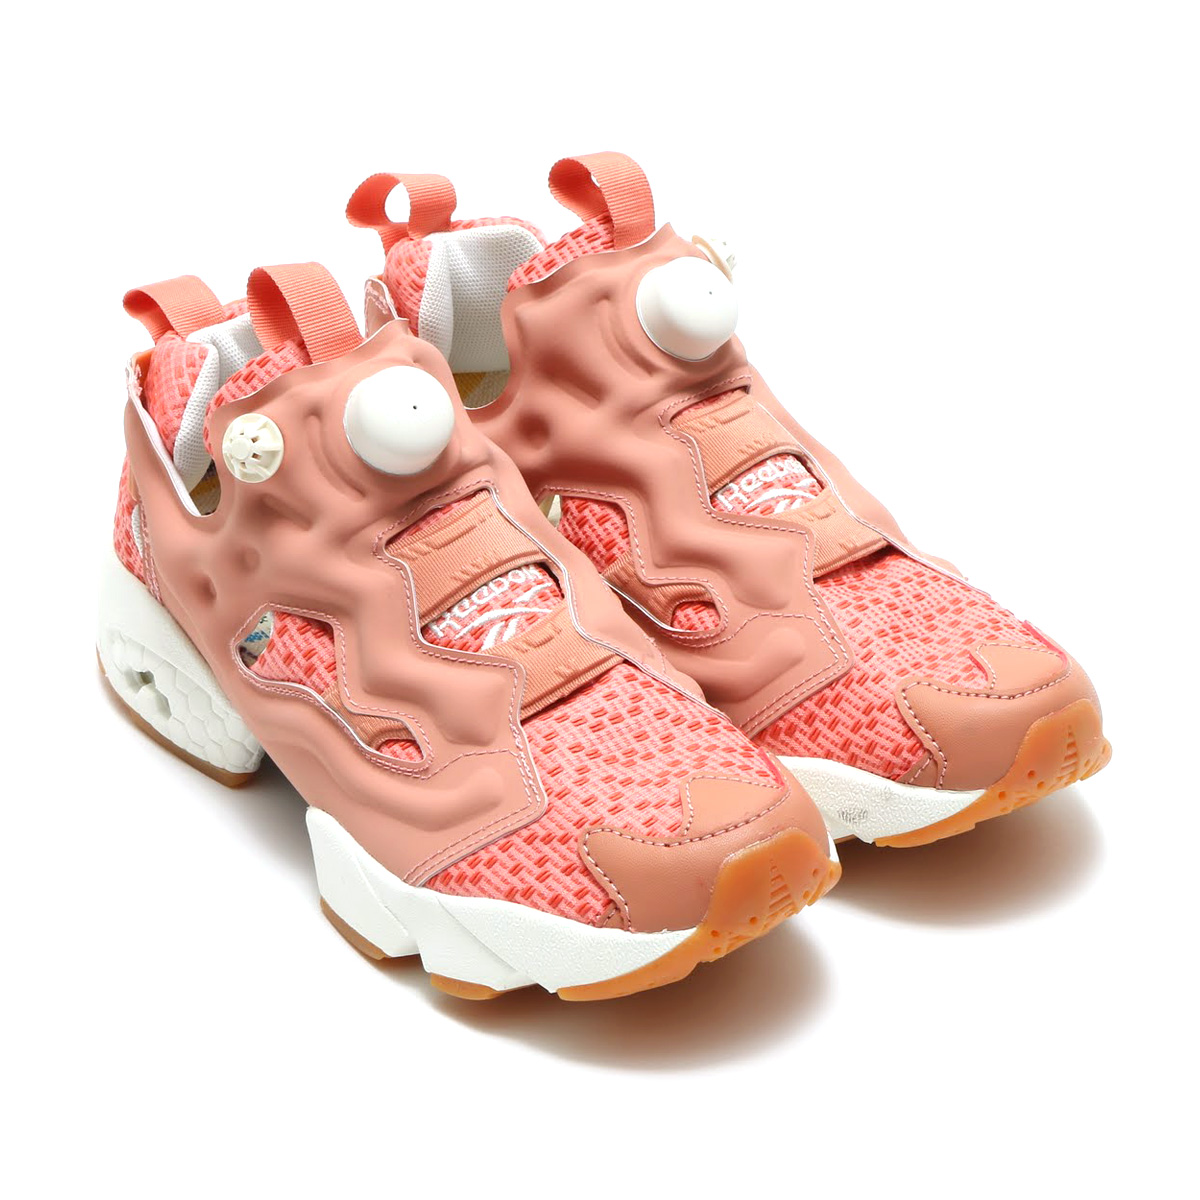 reebok pump fury pink Online Shopping